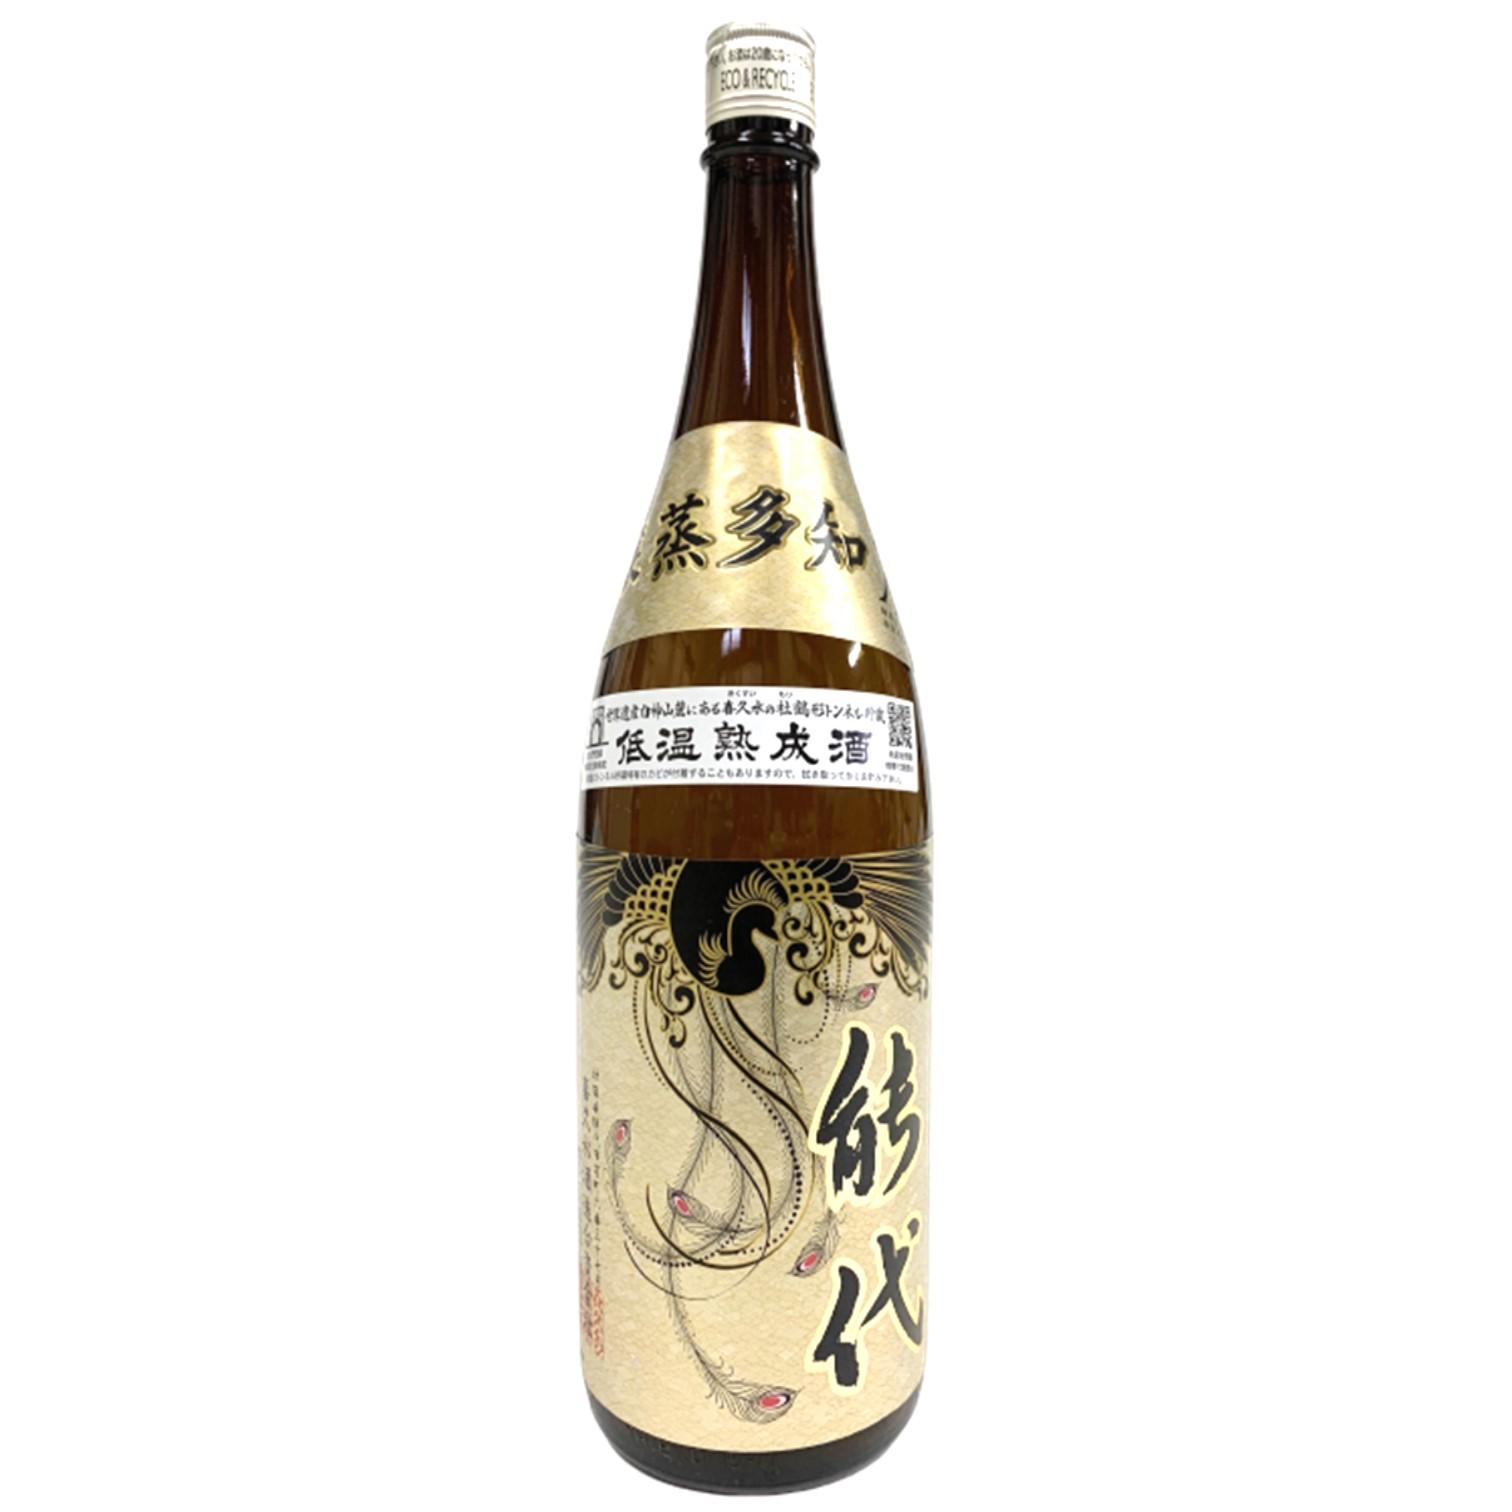 【ふるさと納税】 特別純米 大吟醸 醸蒸多知(かむたち)【1.8L】